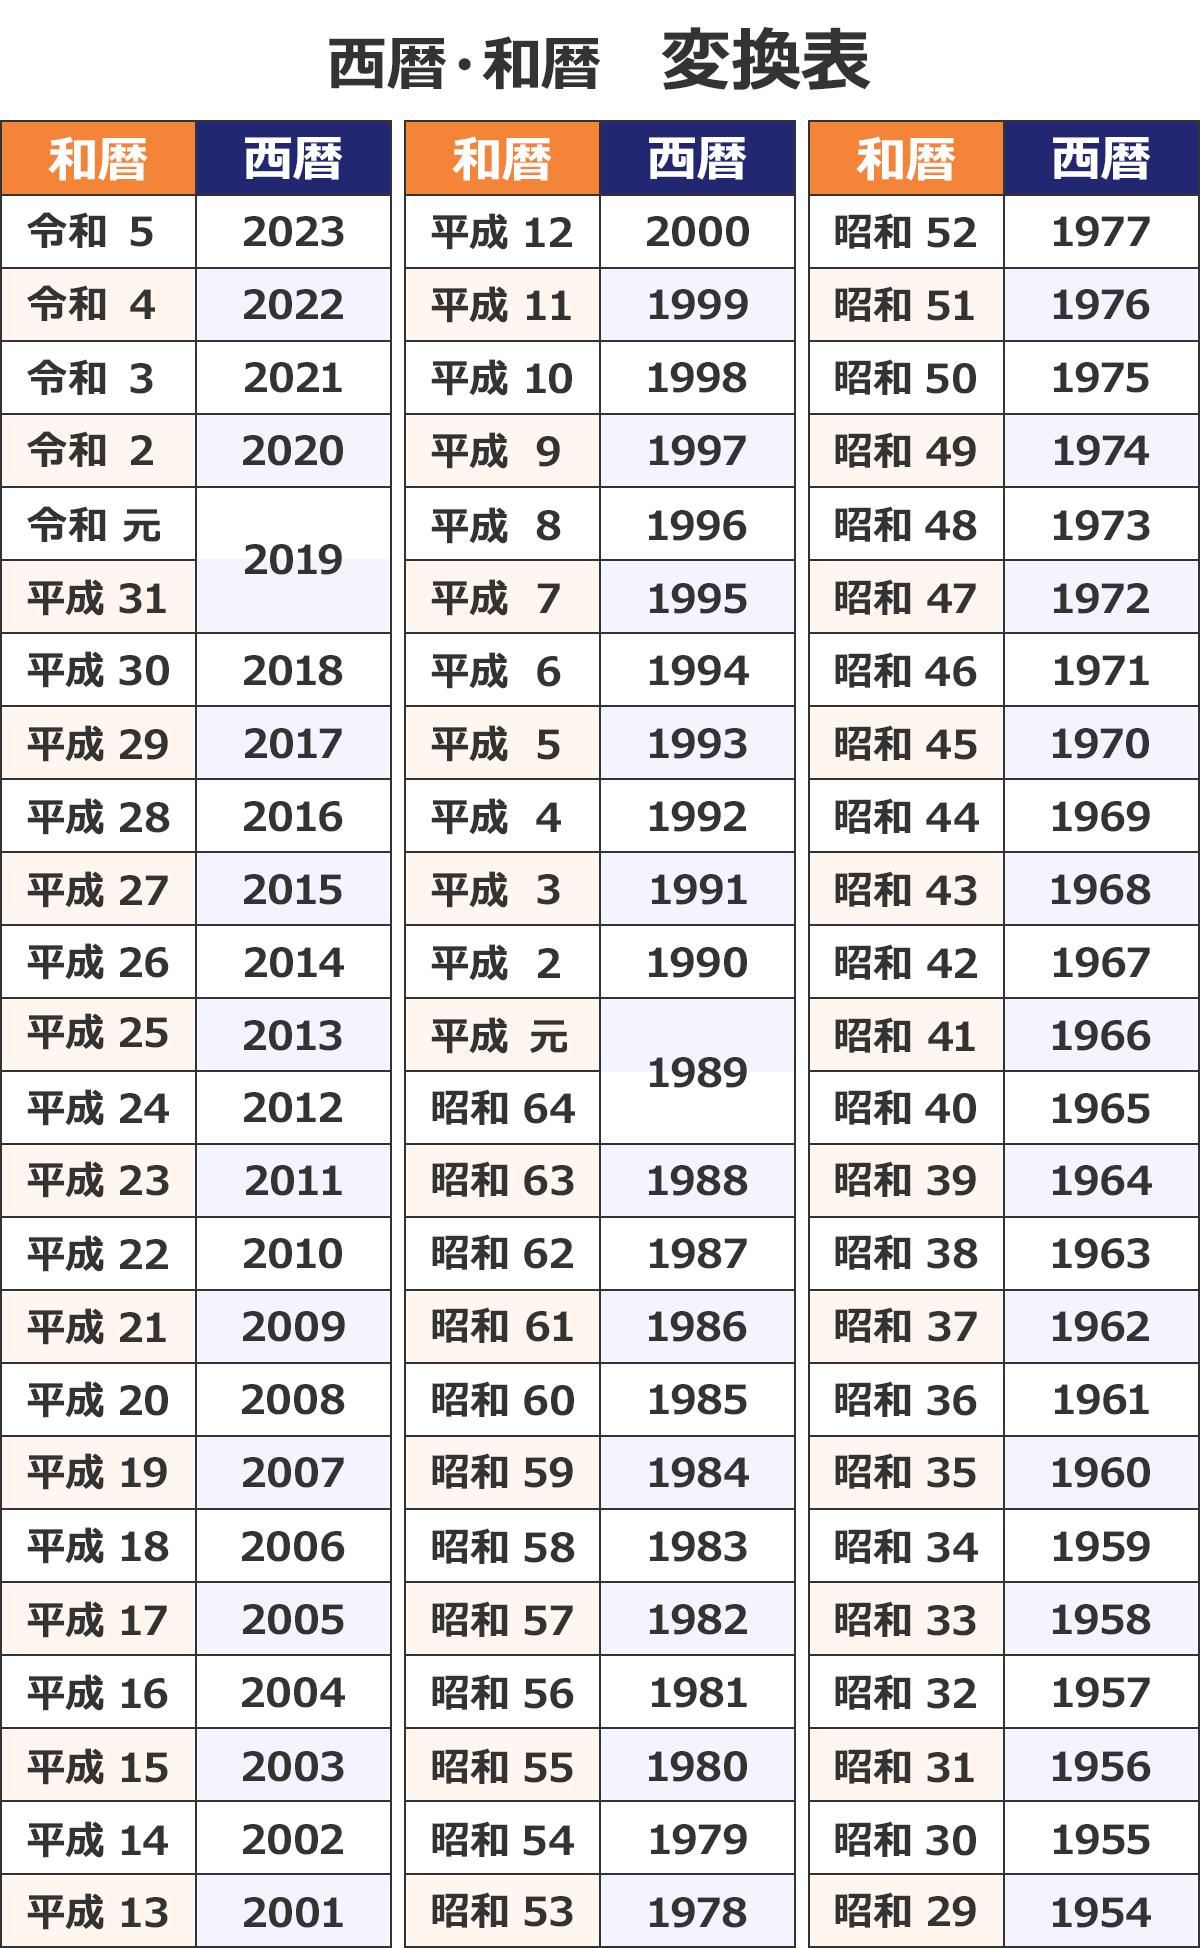 【西暦・和暦 変換表】 (和暦/西暦): 令和5/2023 |令和4/2022 |令和3/2021 |令和2/2020 |令和元/2019 |平成31/2019 |平成30/2018 |平成29/2017 |平成28/2016 |平成27/2015 |平成26/2014 |平成25/2013 |平成24/2012 |平成23/2011 |平成22/2010 |平成21/2009 |平成20/2008 |平成19/2007 |平成18/2006 |平成17/2005 |平成16/2004 |平成15/2003 |平成14/2002 |平成13/2001 |平成12/2000 |平成11/1999 |平成10/1998 |平成9/1997 |平成8/1996 |平成7/1995 |平成6/1994 |平成5/1993 |平成4/1992 |平成3/1991 |平成2/1990 |平成元/1989 |昭和64/1989 |昭和63/1988 |昭和62/1987 |昭和61/1986 |昭和60/1985 |昭和59/1984 |昭和58/1983 |昭和57/1982 |昭和56/1981 |昭和55/1980 |昭和54/1979 |昭和53/1978 |昭和52/1977 |昭和51/1976 |昭和50/1975 |昭和49/1974 |昭和48/1973 |昭和47/1972 |昭和46/1971 |昭和45/1970 |昭和44/1969 |昭和43/1968 |昭和42/1967 |昭和41/1966 |昭和40/1965 |昭和39/1964 |昭和38/1963 |昭和37/1962 |昭和36/1961 |昭和35/1960 |昭和34/1959 |昭和33/1958 |昭和32/1957 |昭和31/1956 |昭和30/1955 |昭和29/1954